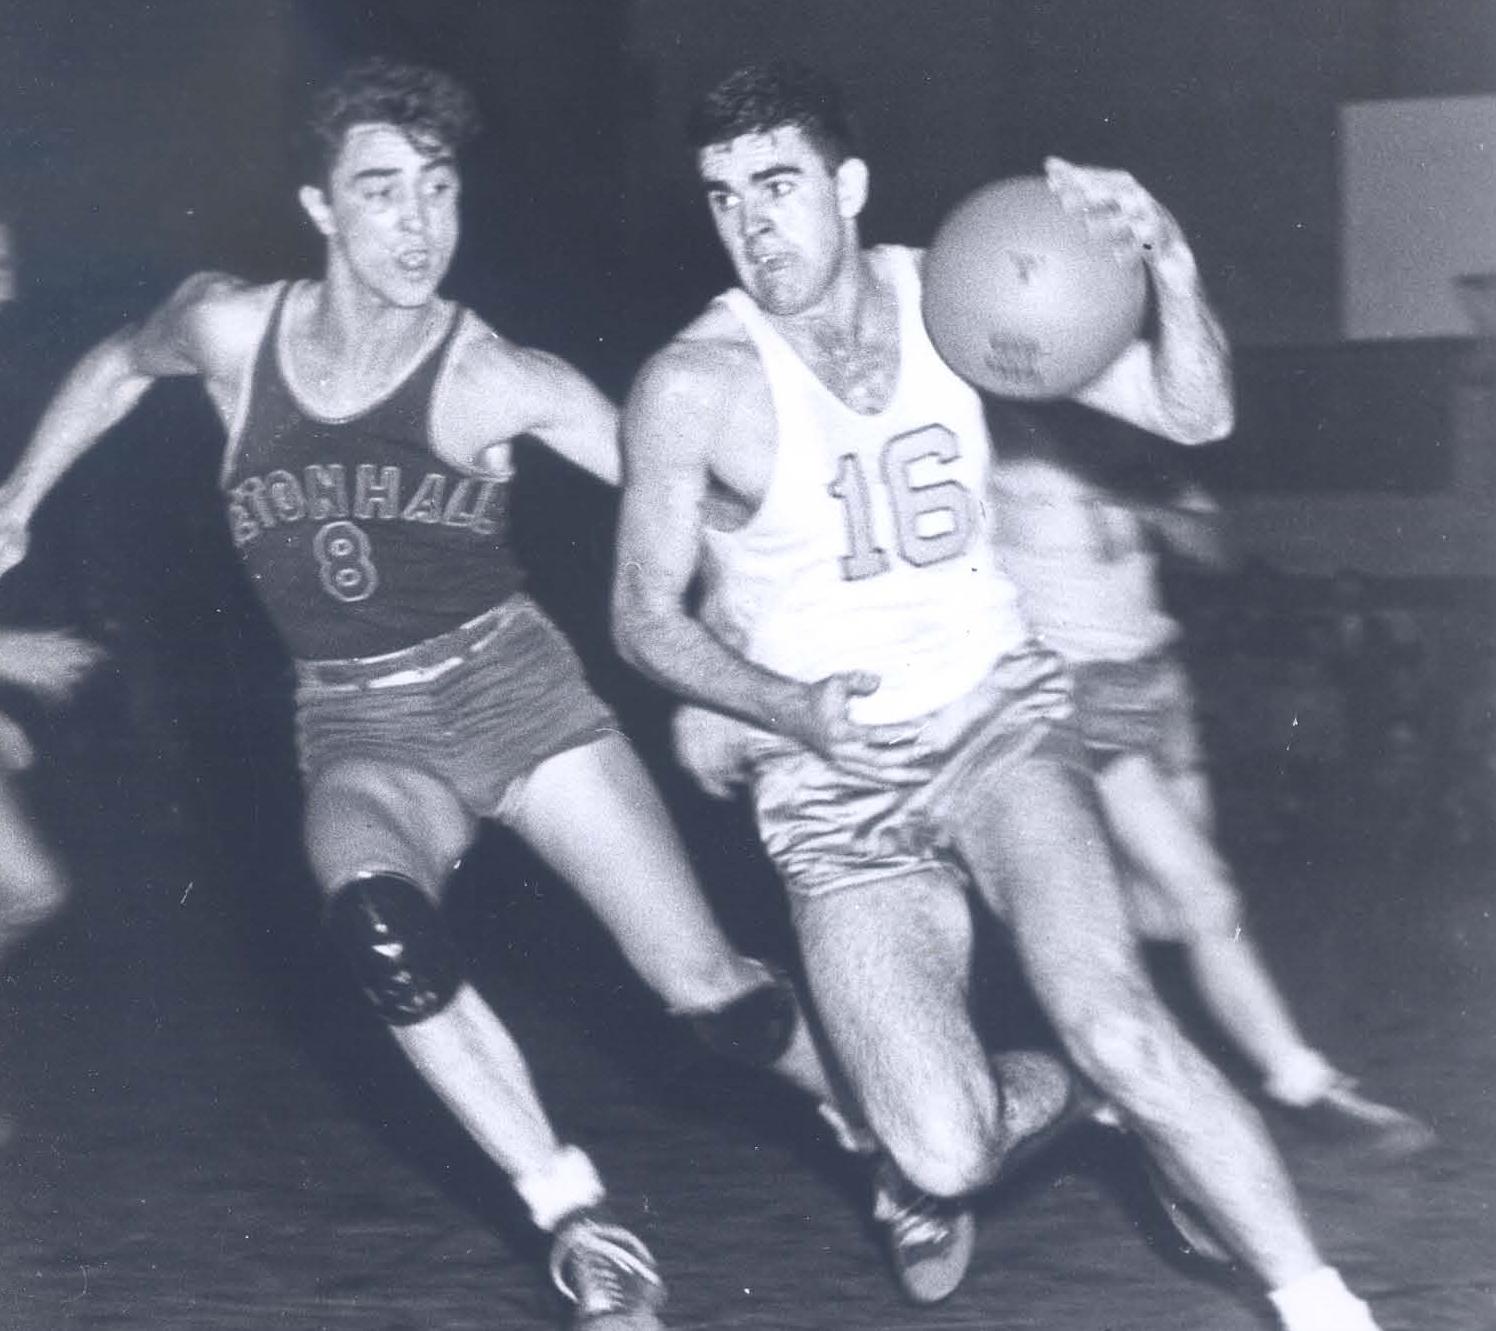 1,000 point Loyola scorer Jim Lacy, Jr. vs. Seton Hall Hall of Famer Bobby Wanzer in 1947 (photo by Jimmy Smith)